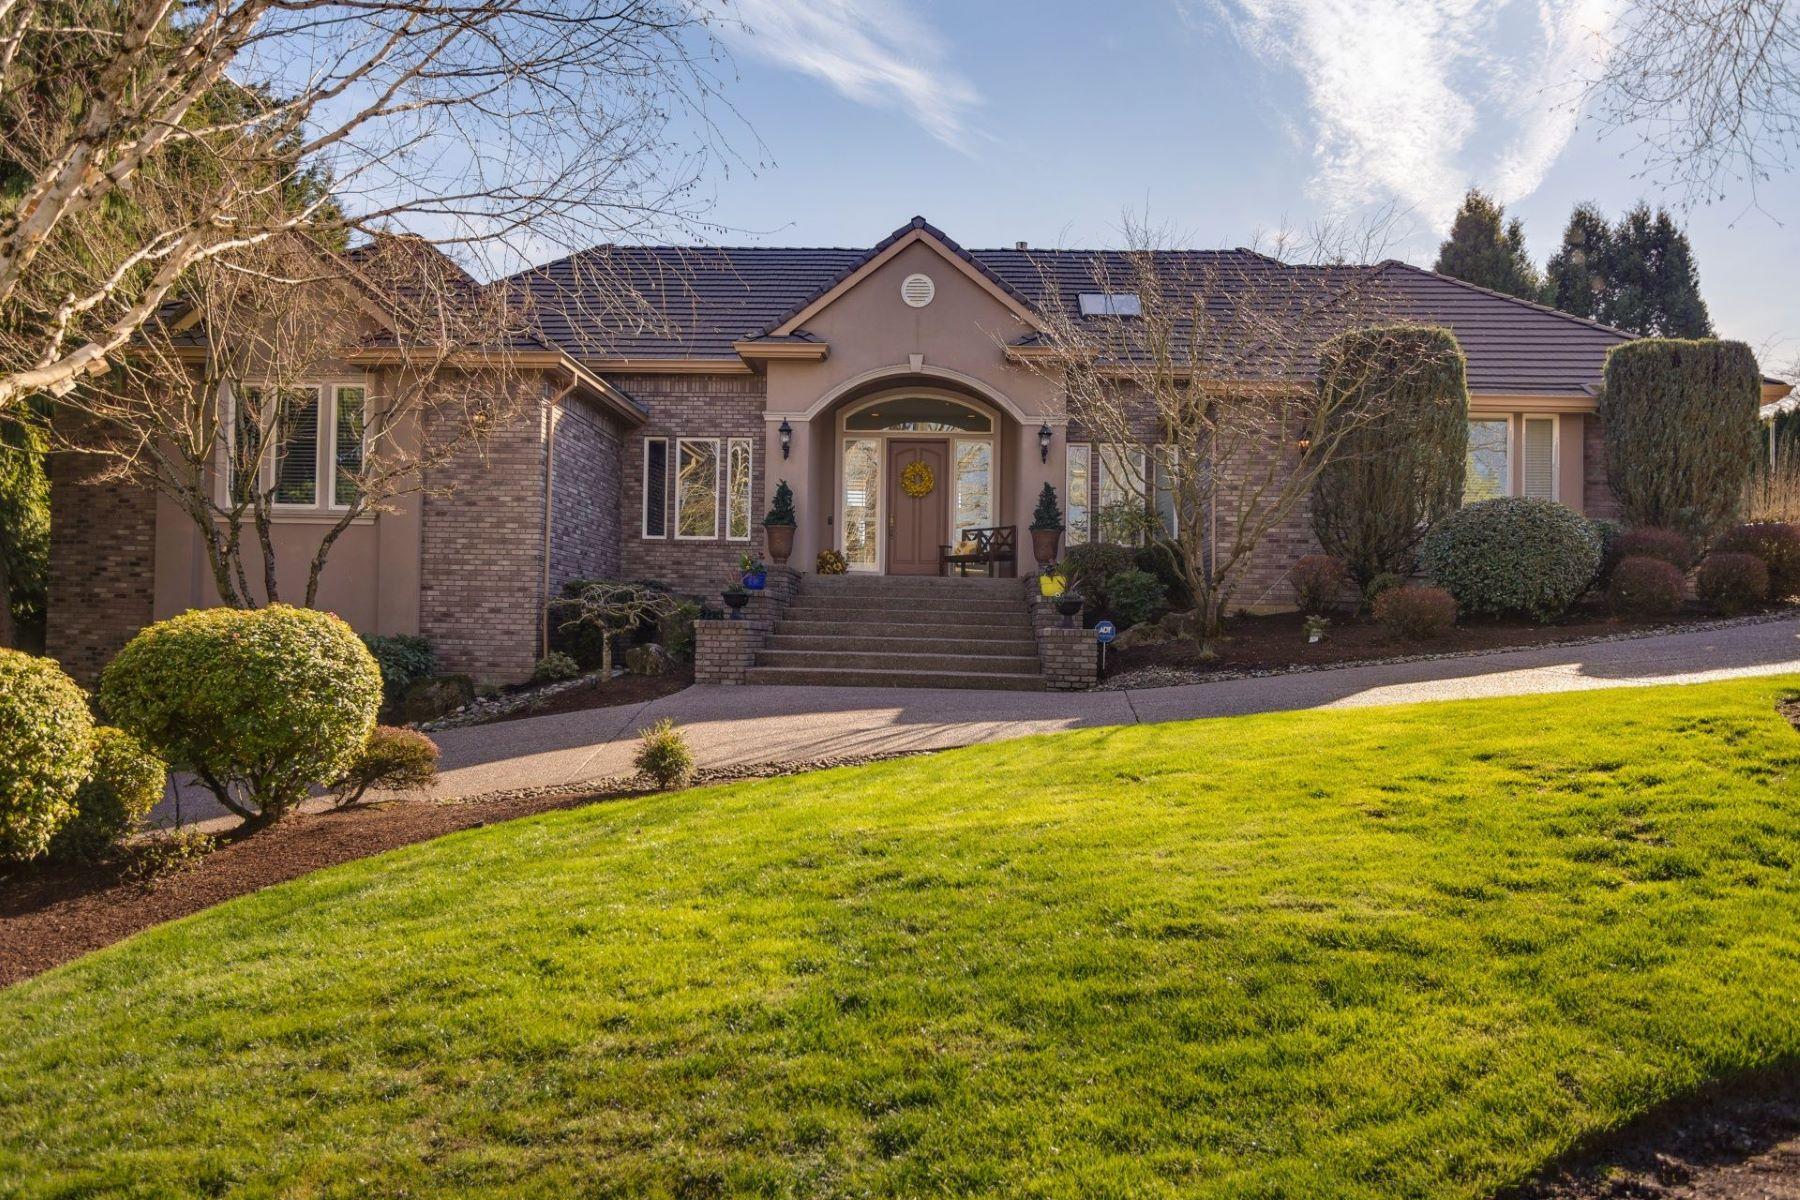 Other Residential Homes για την Πώληση στο 18820 GREEN BLUFF DR Lake Oswego, OR 97034 Lake Oswego, Ορεγκον 97034 Ηνωμένες Πολιτείες